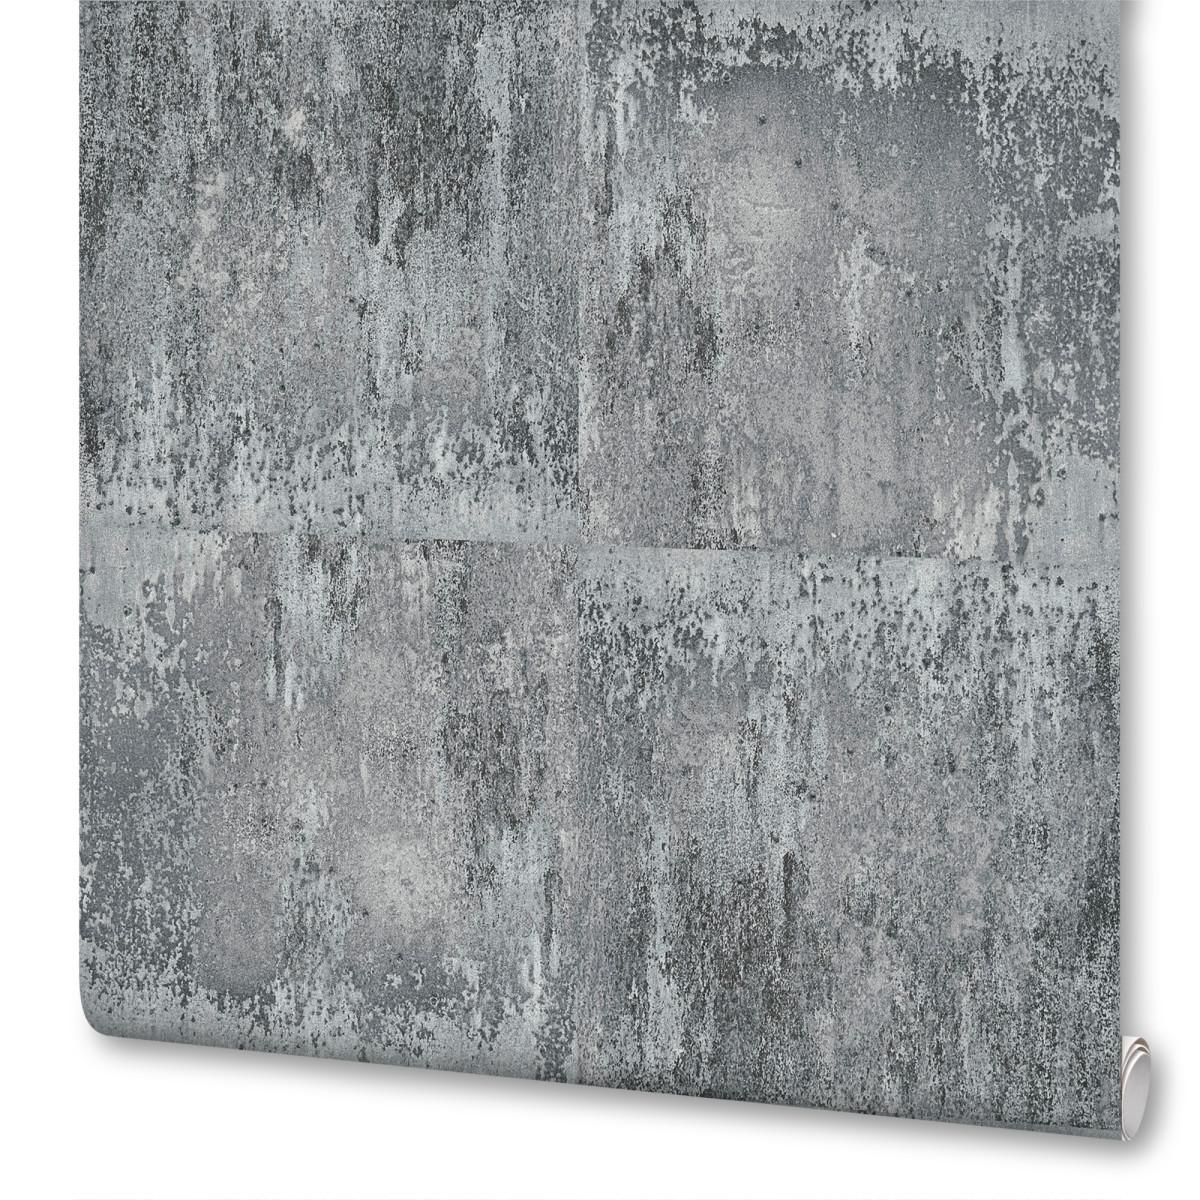 обои серые под бетон купить